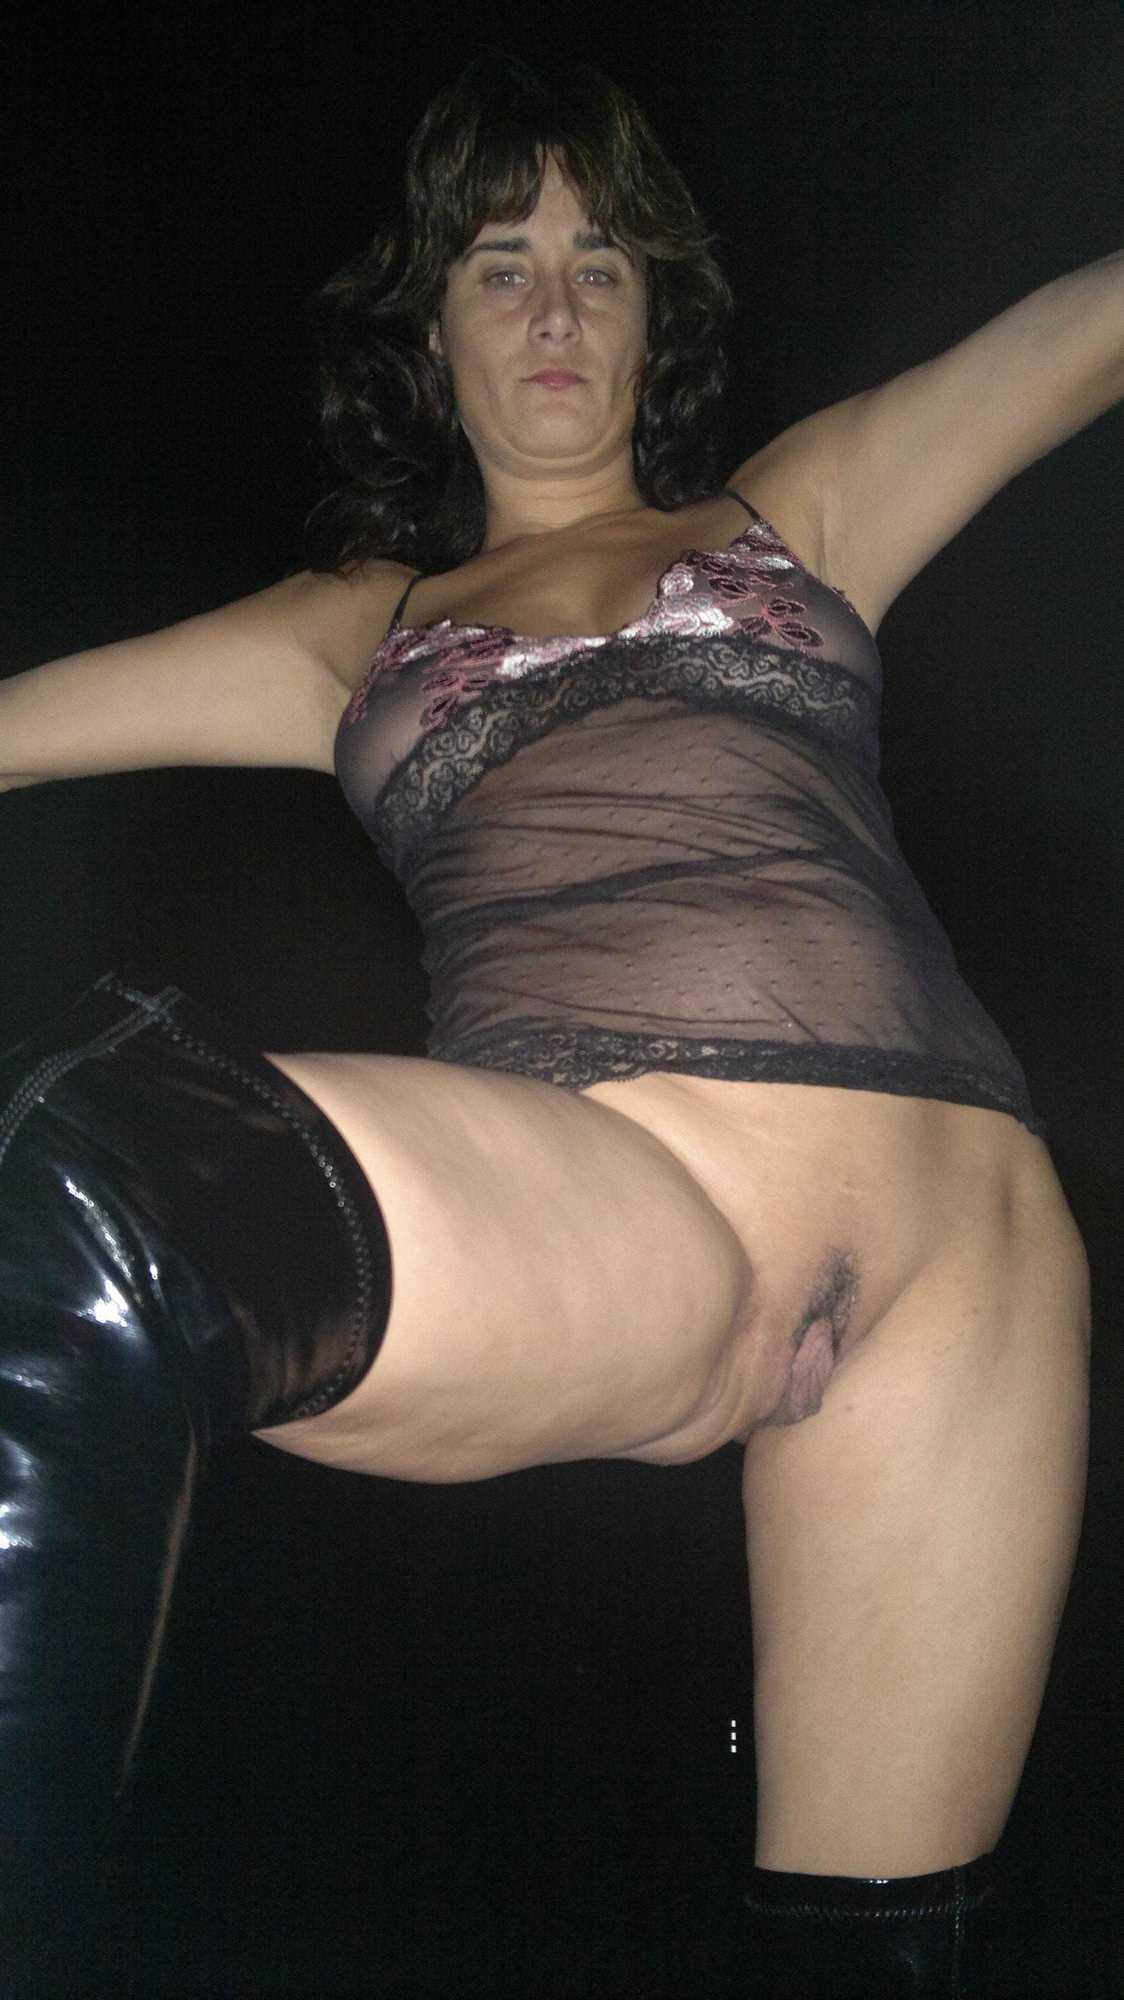 На тахте зрелка разводит ножки демонстрируя роскошное влагалище